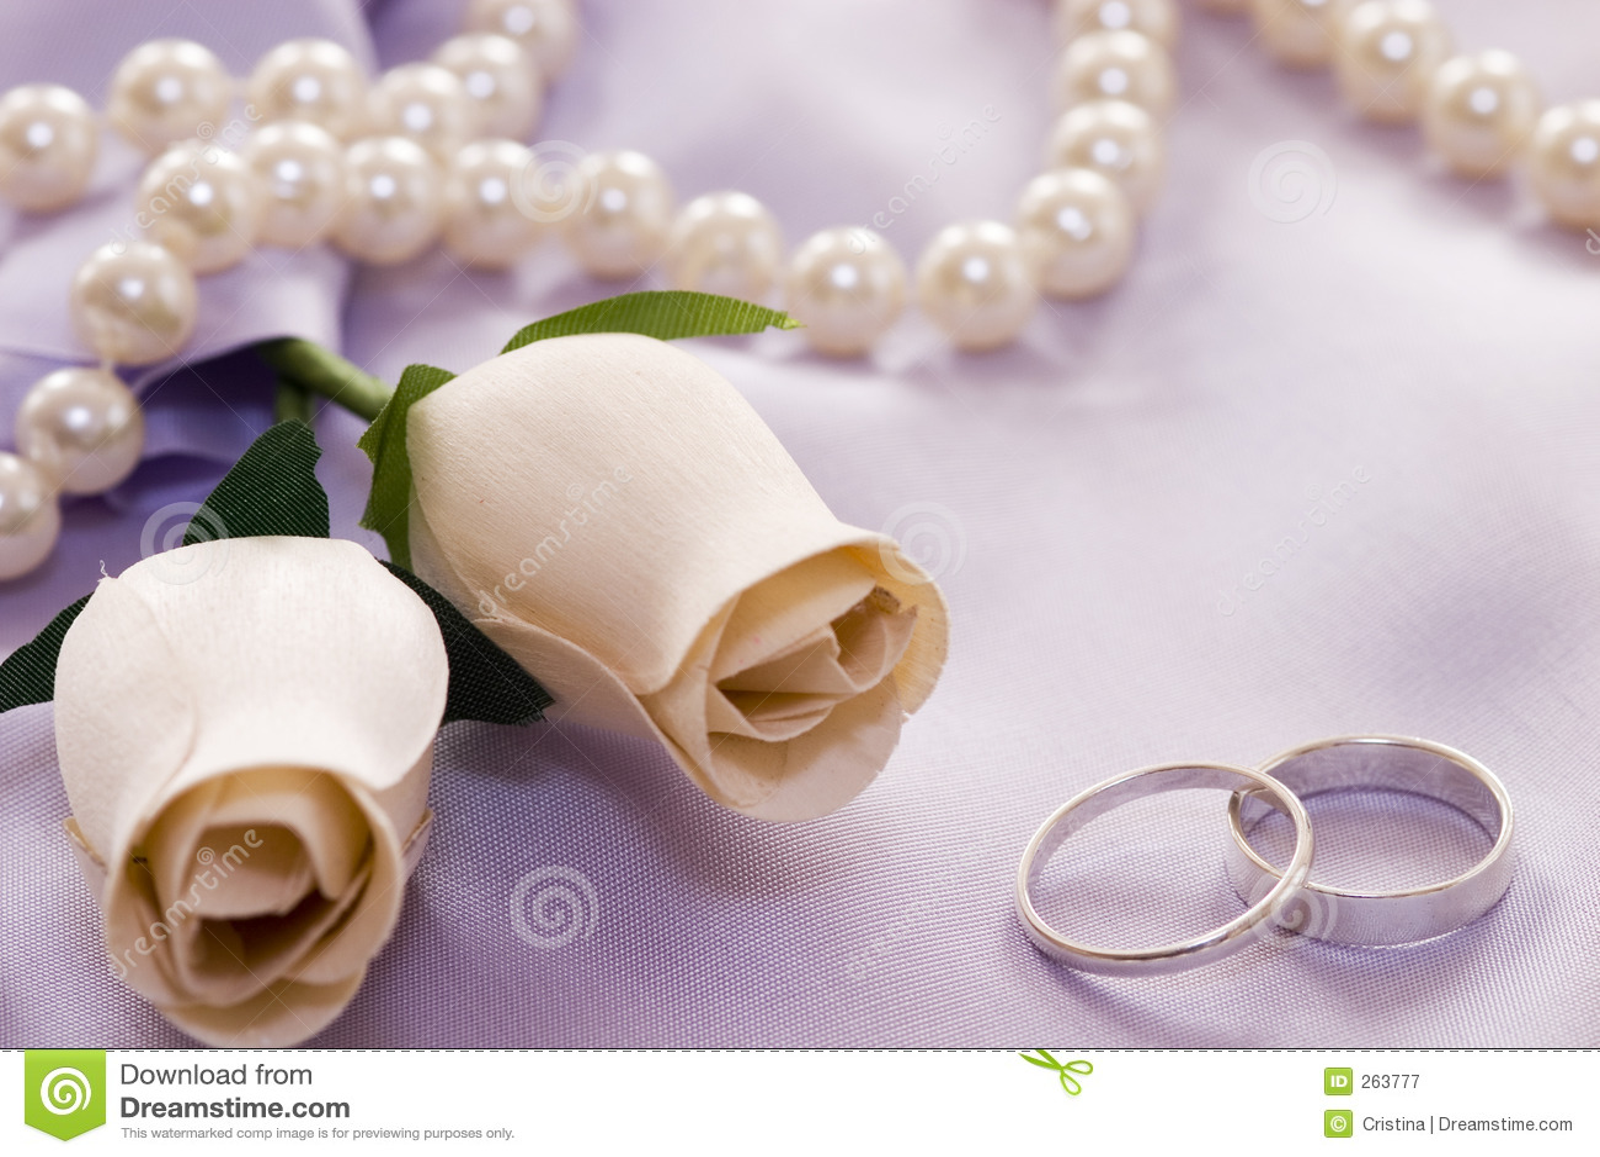 Поздравление с 27 годовщиной свадьбы маму и папу